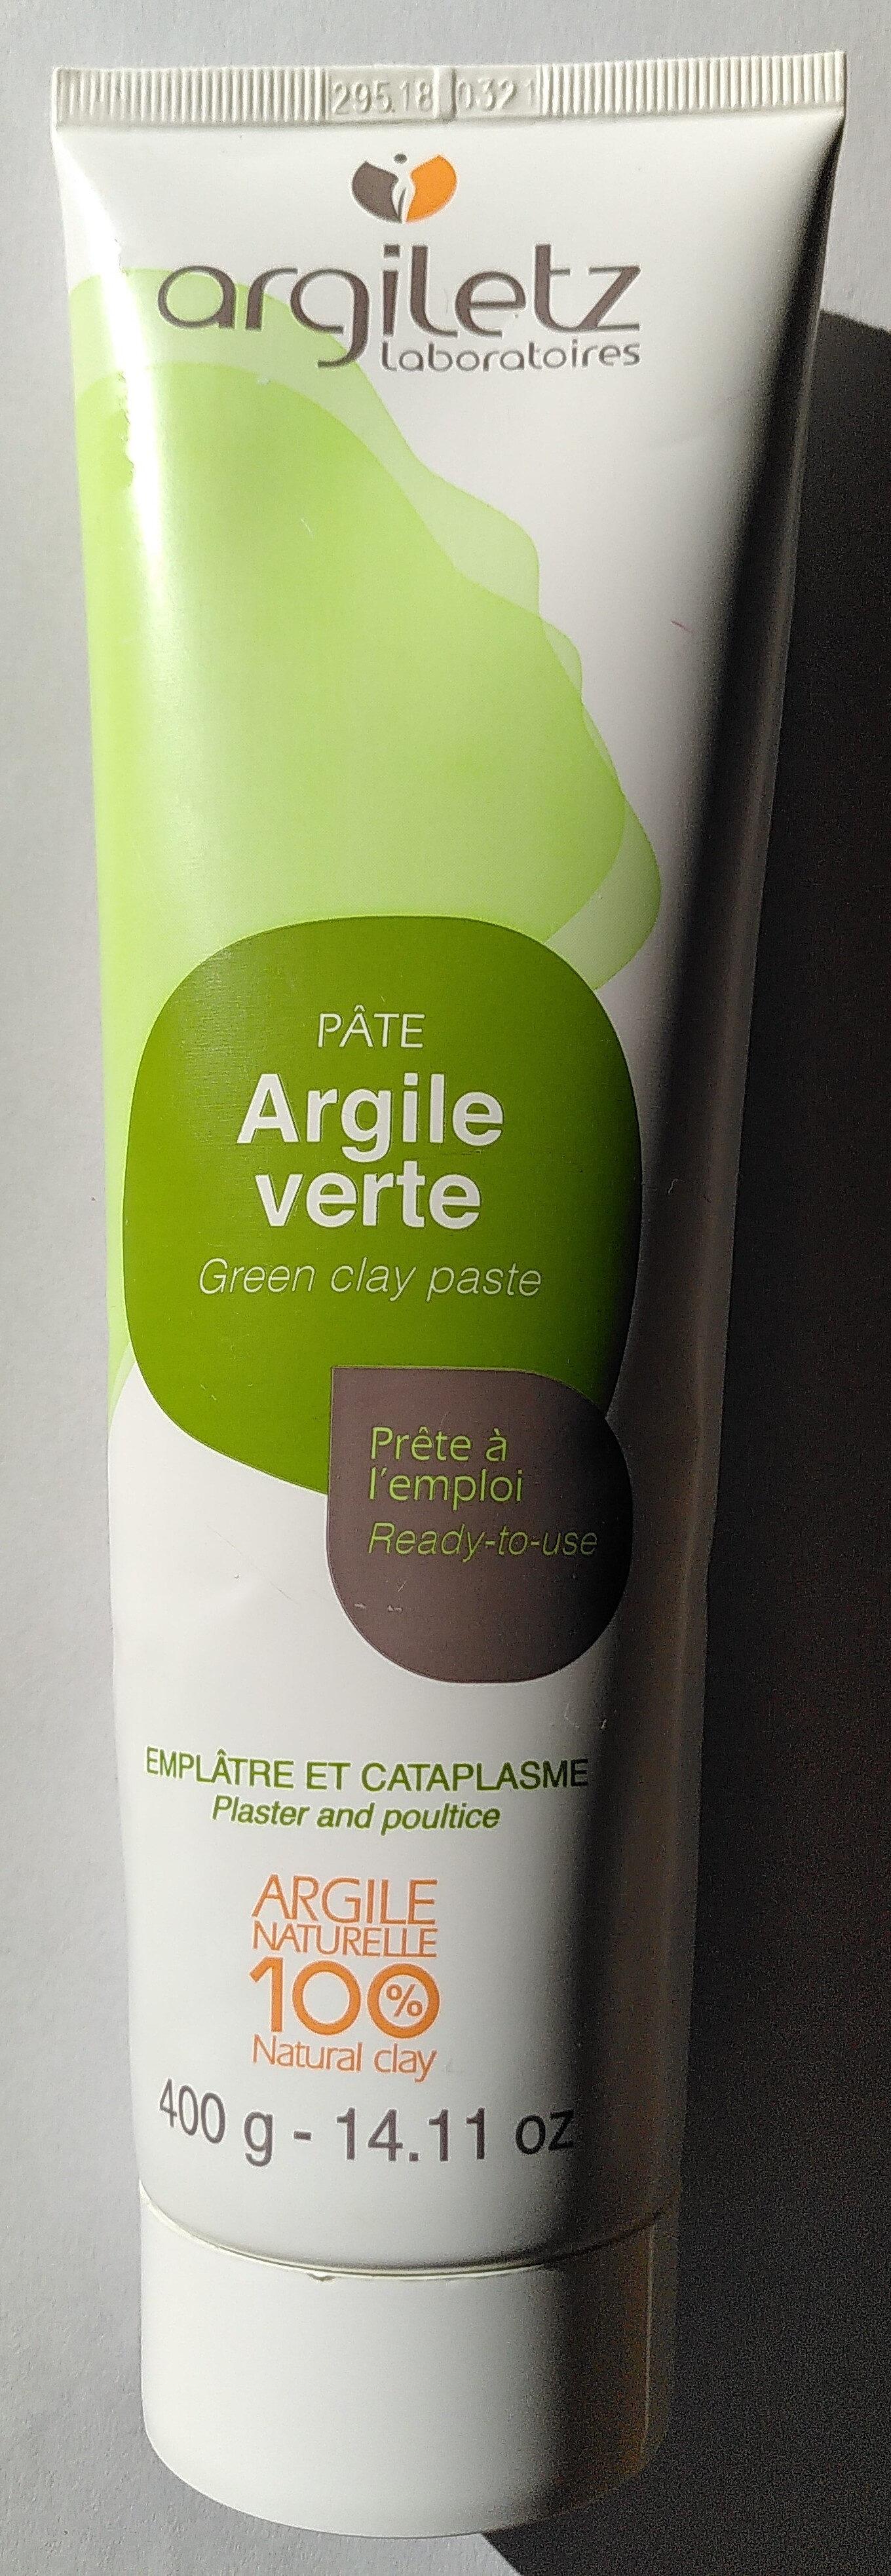 Pâte argile verte - Produit